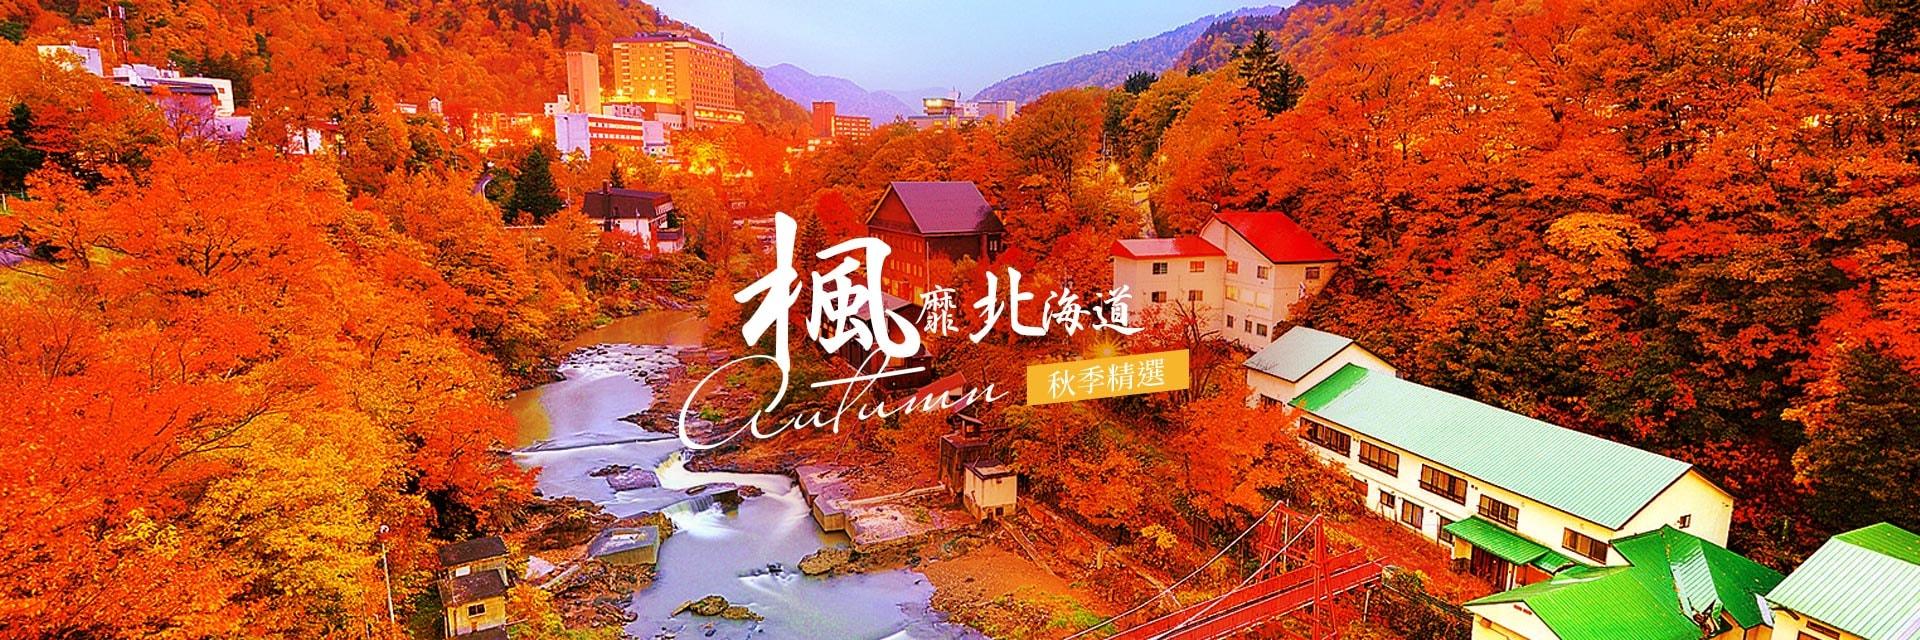 日本、北海道、秋天、賞楓